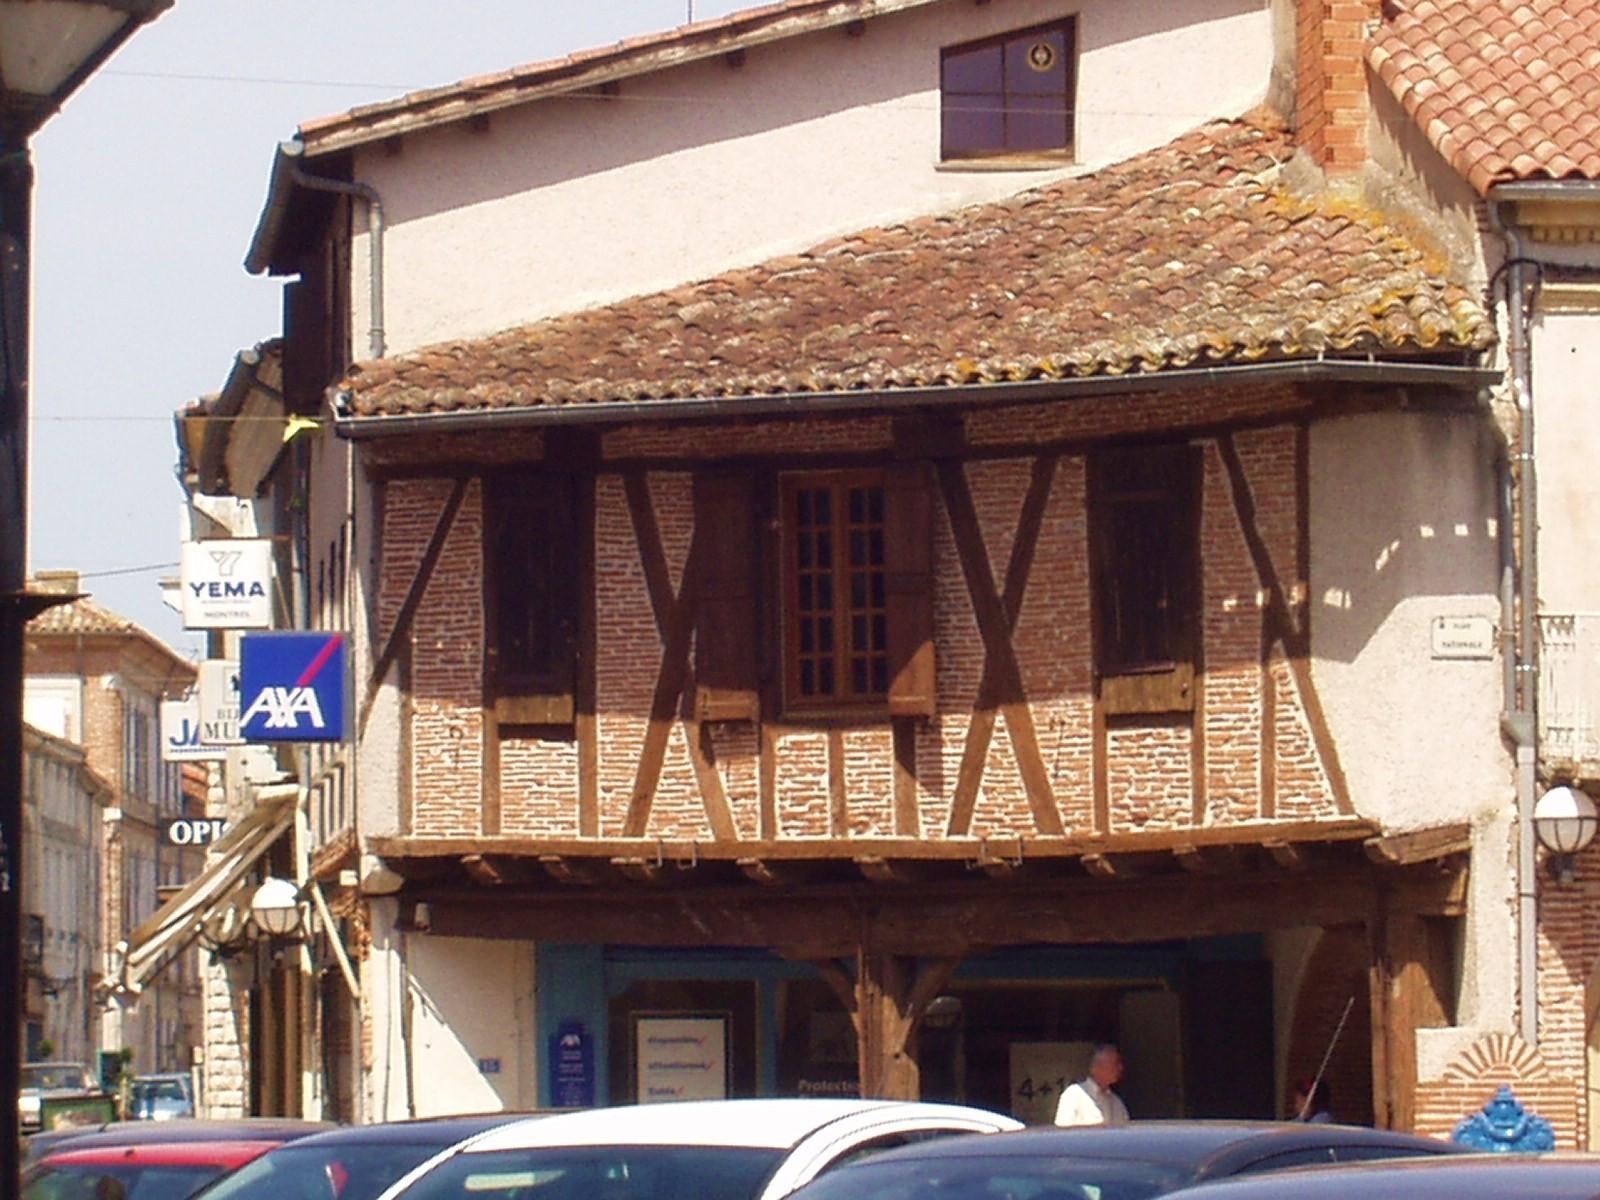 Une maison à colombages à Valence d'Agen. (Dept 82)